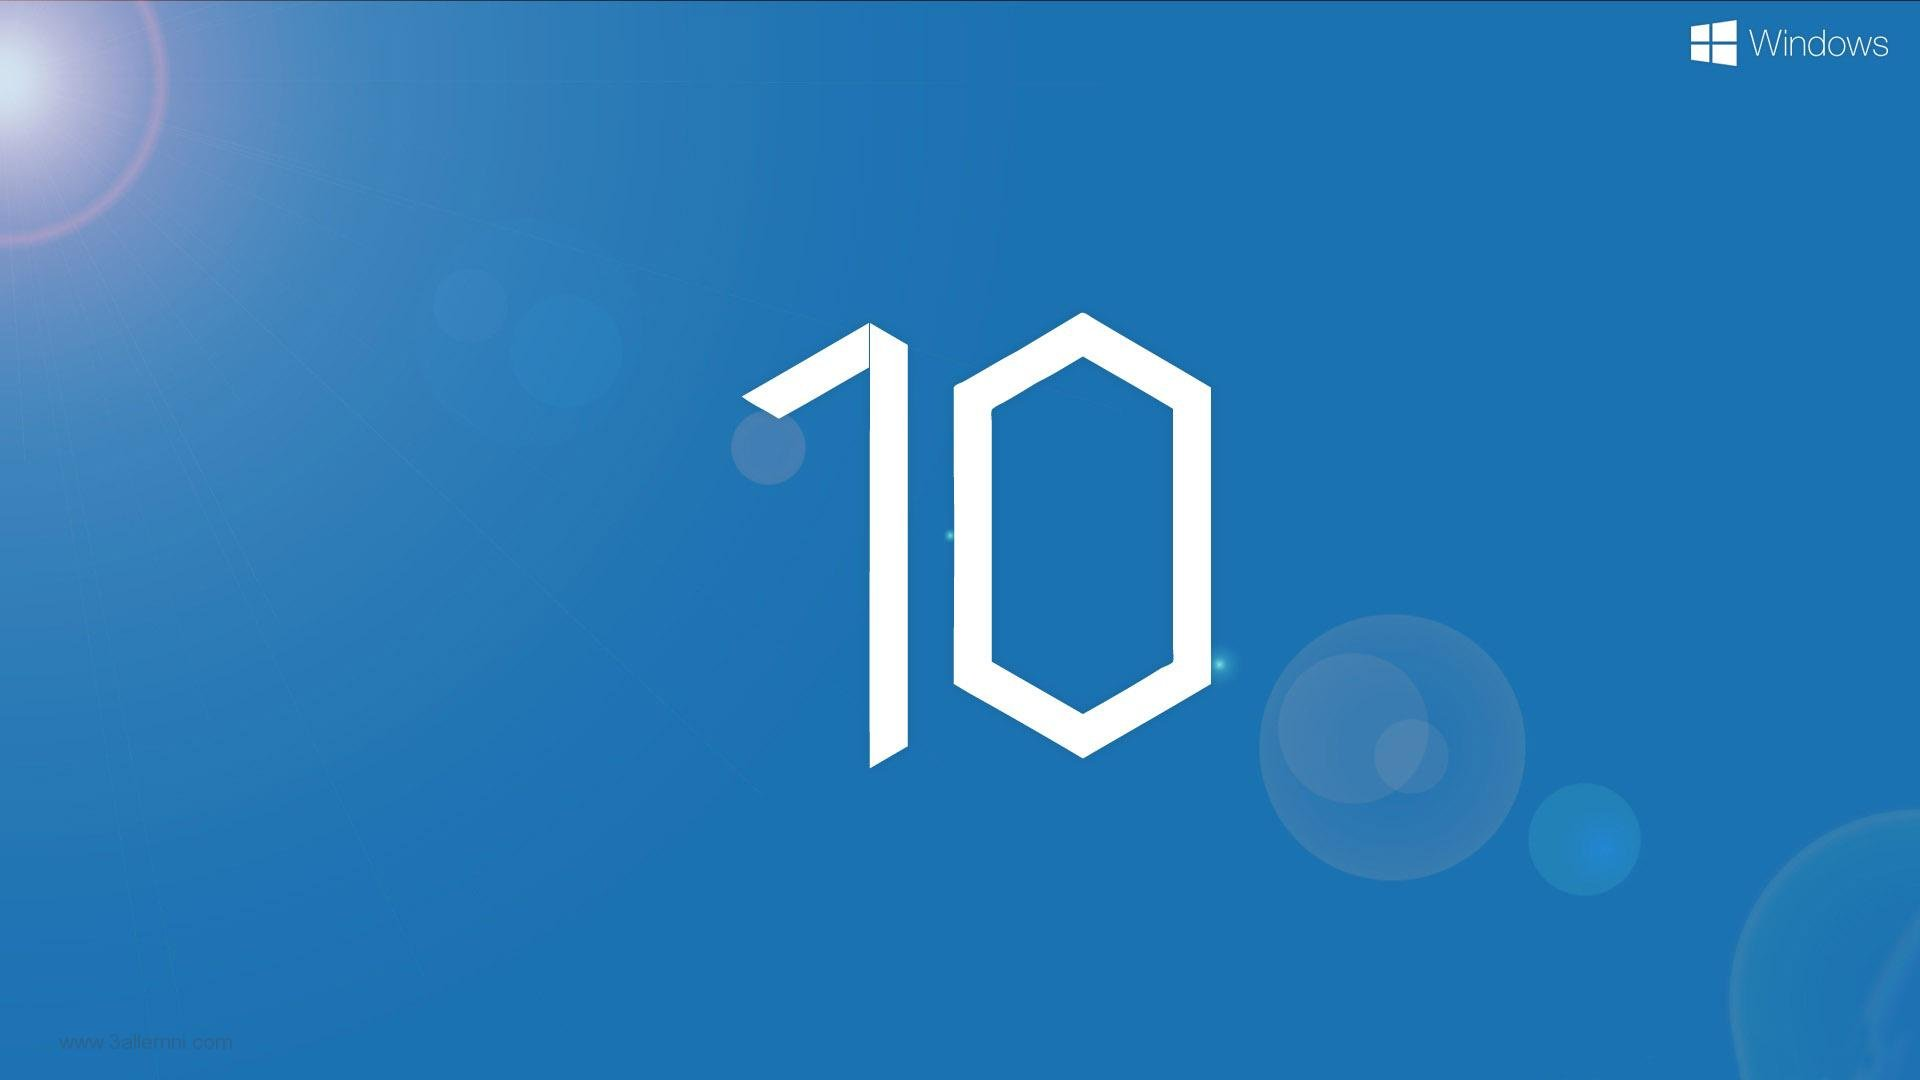 كيفية جعل جوجل كروم المتصفح الرئيسي فى ويندوز 10 1